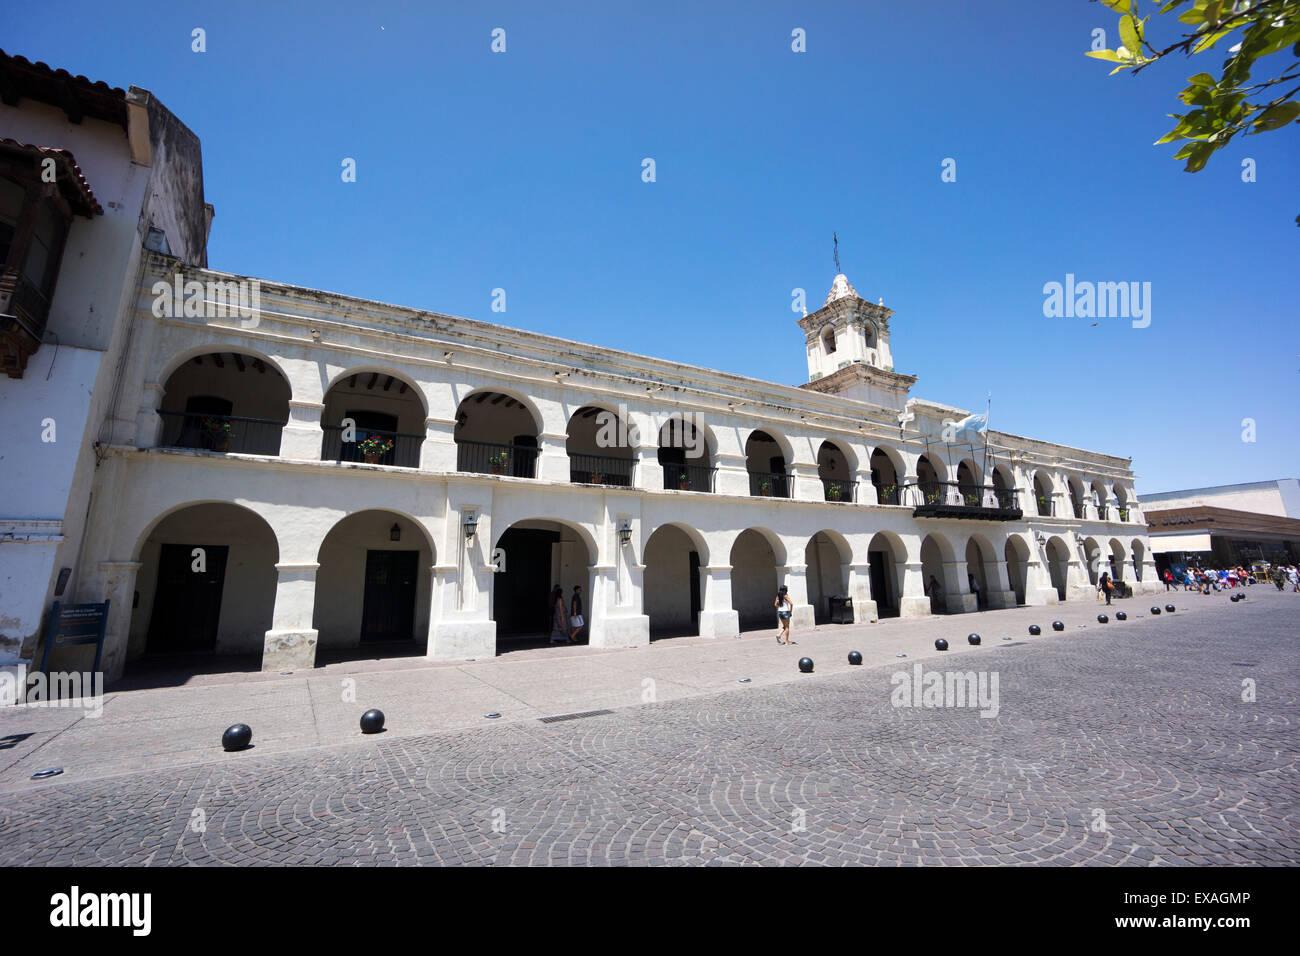 Museo Historica del Norte, Salta, Argentina, South America - Stock Image